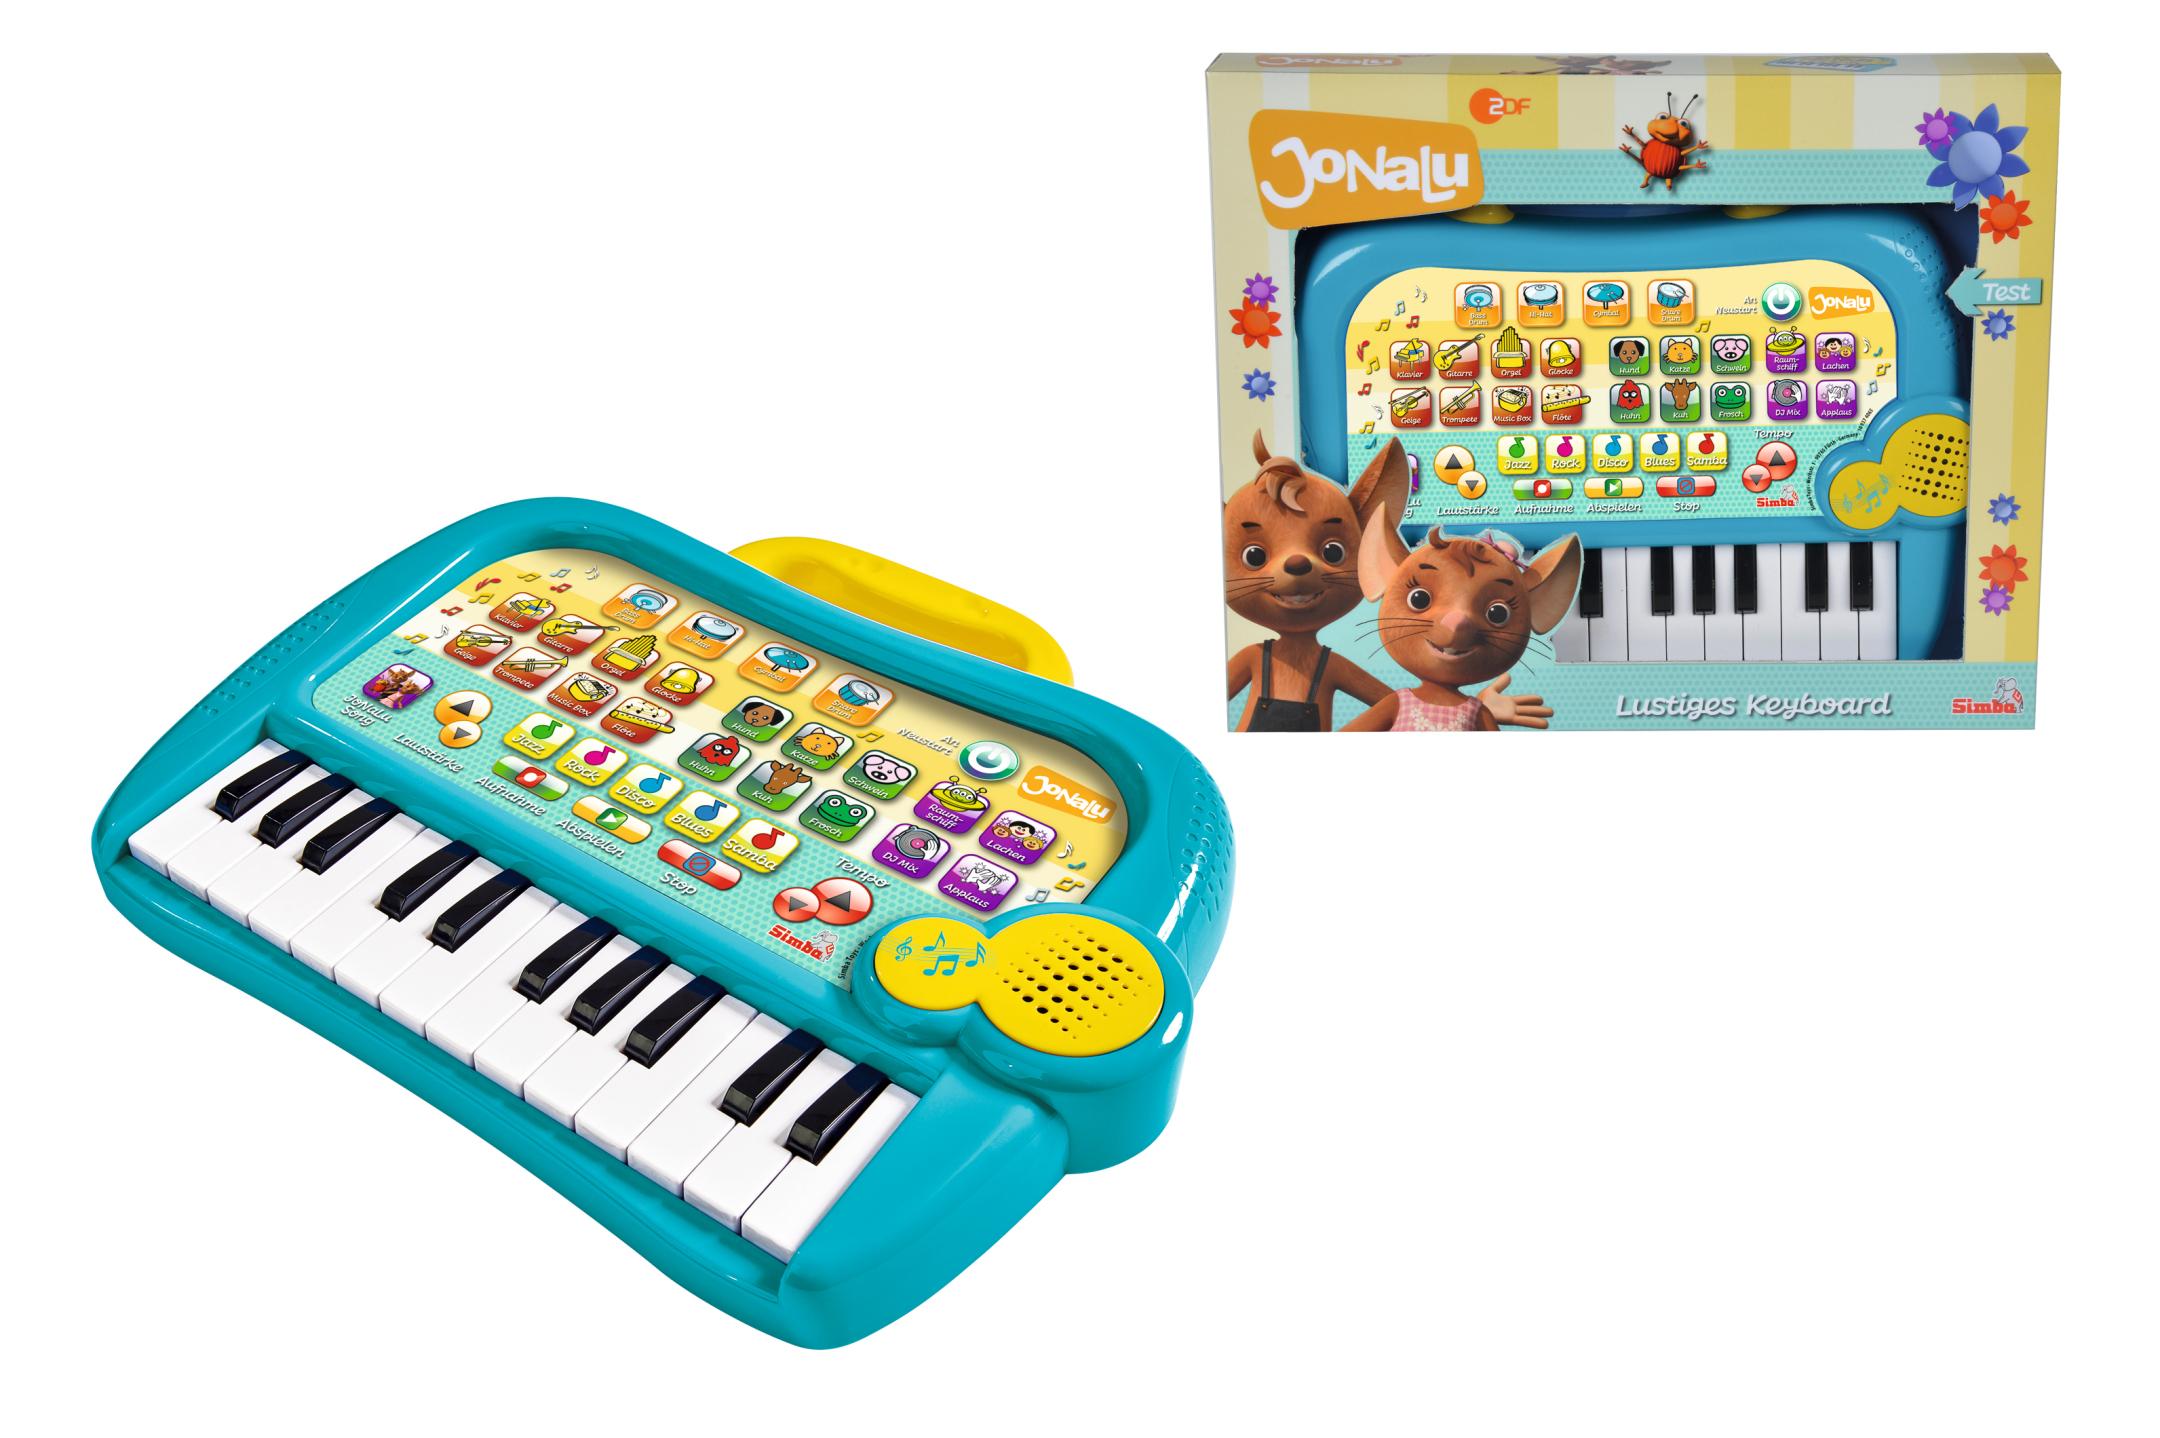 JoNaLu - Funny Keyboard